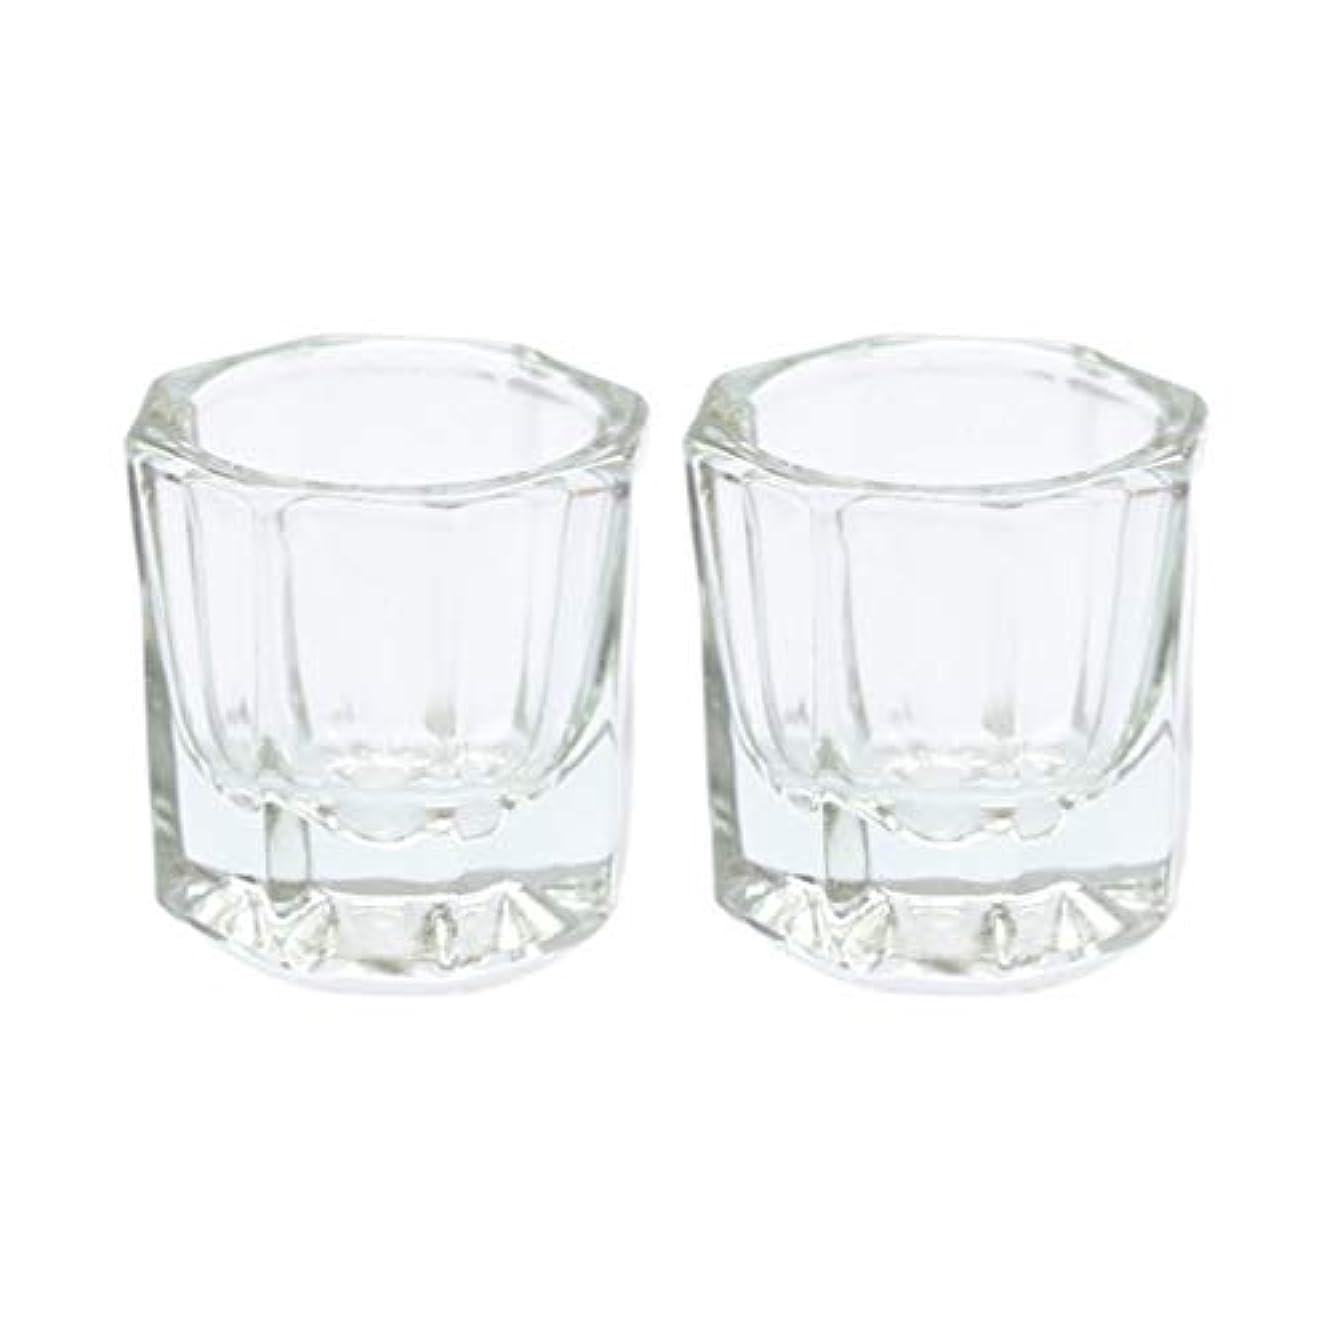 再現する無許可定期的にLurrose 2ピースガラスクリスタルダッペン皿ネイルアートアクリル液体粉末ダッペン皿ネイルアートツール